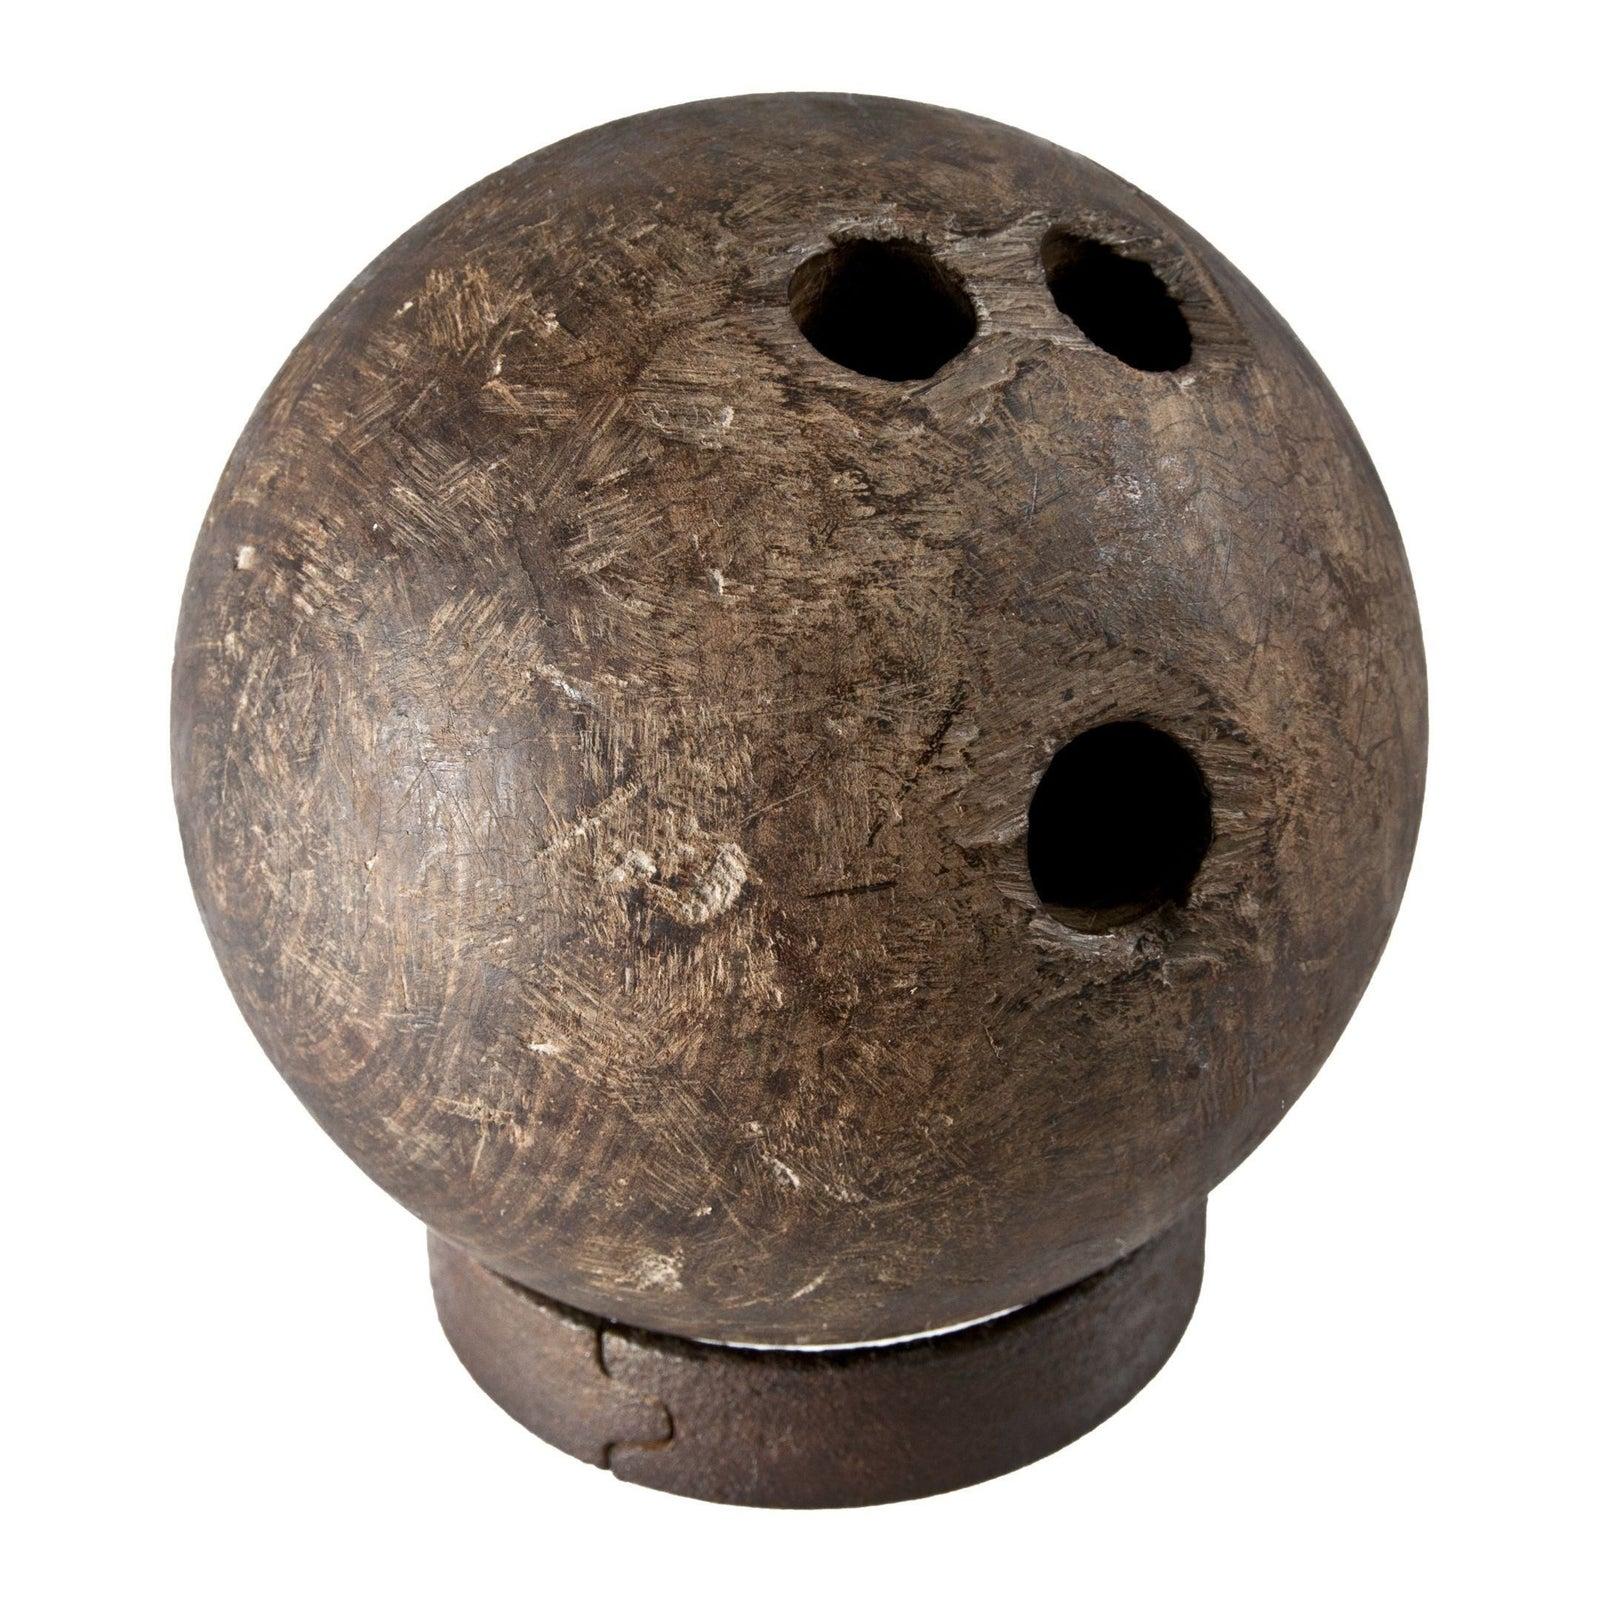 1800s Rare Antique Lignum Vitae Wood Bowling Ball Chairish